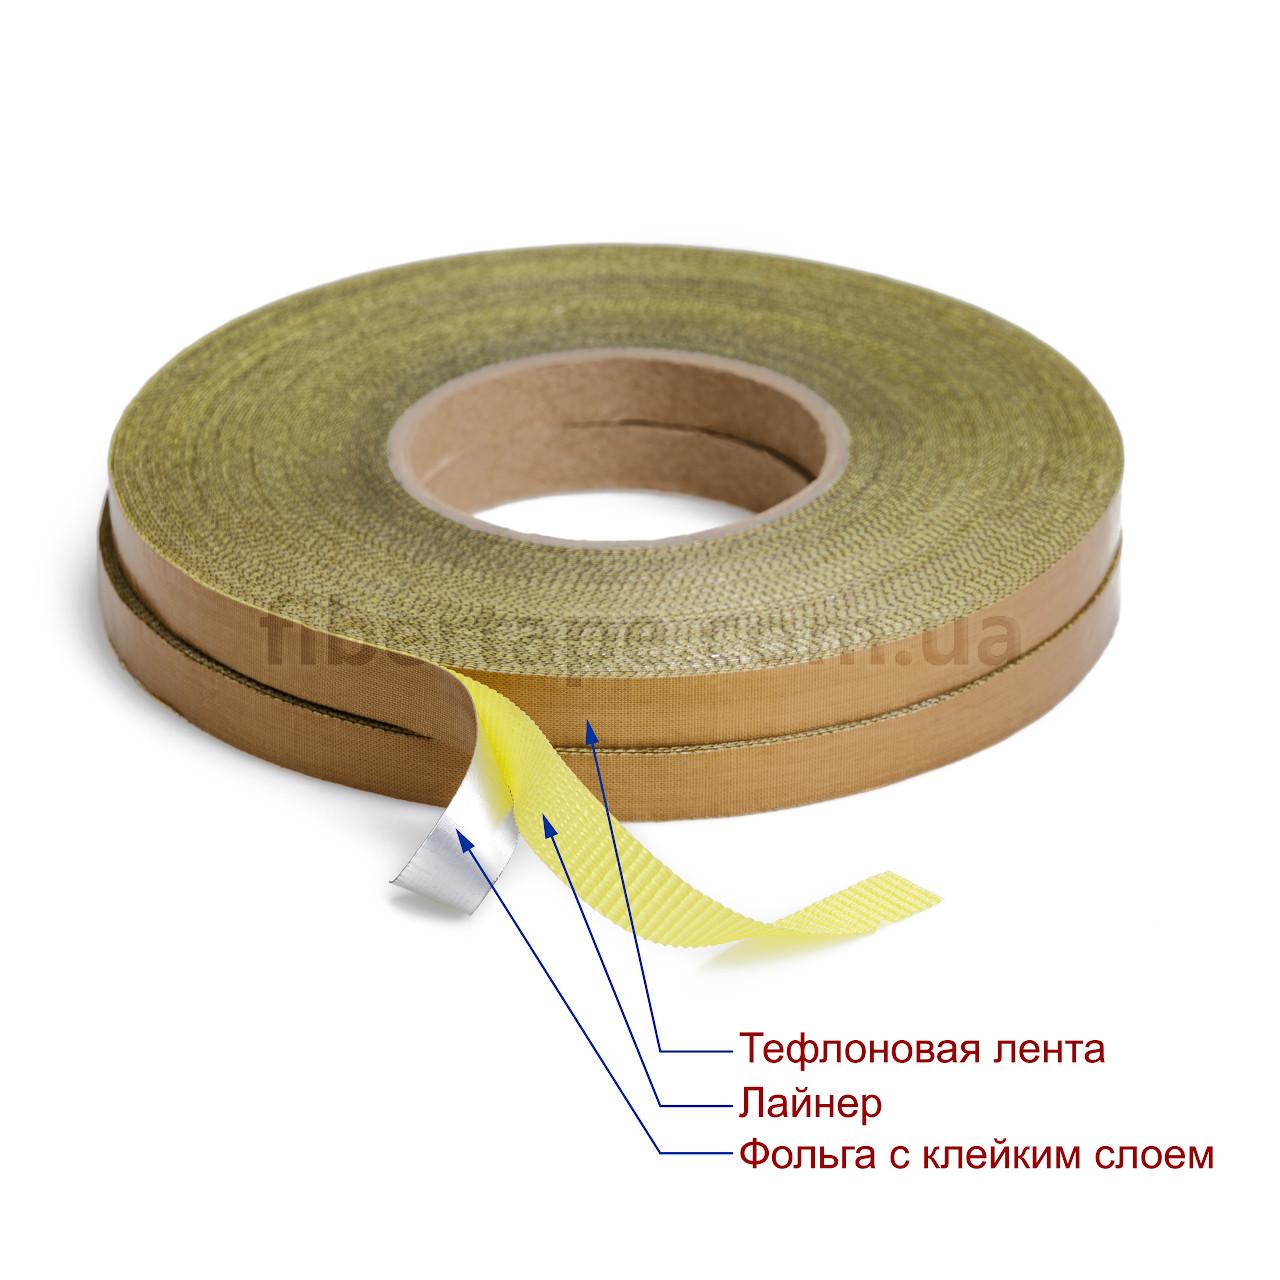 Тефлоновая фольгированная лента, ширина 50 мм, длина 30 м, толщина 200 микрон